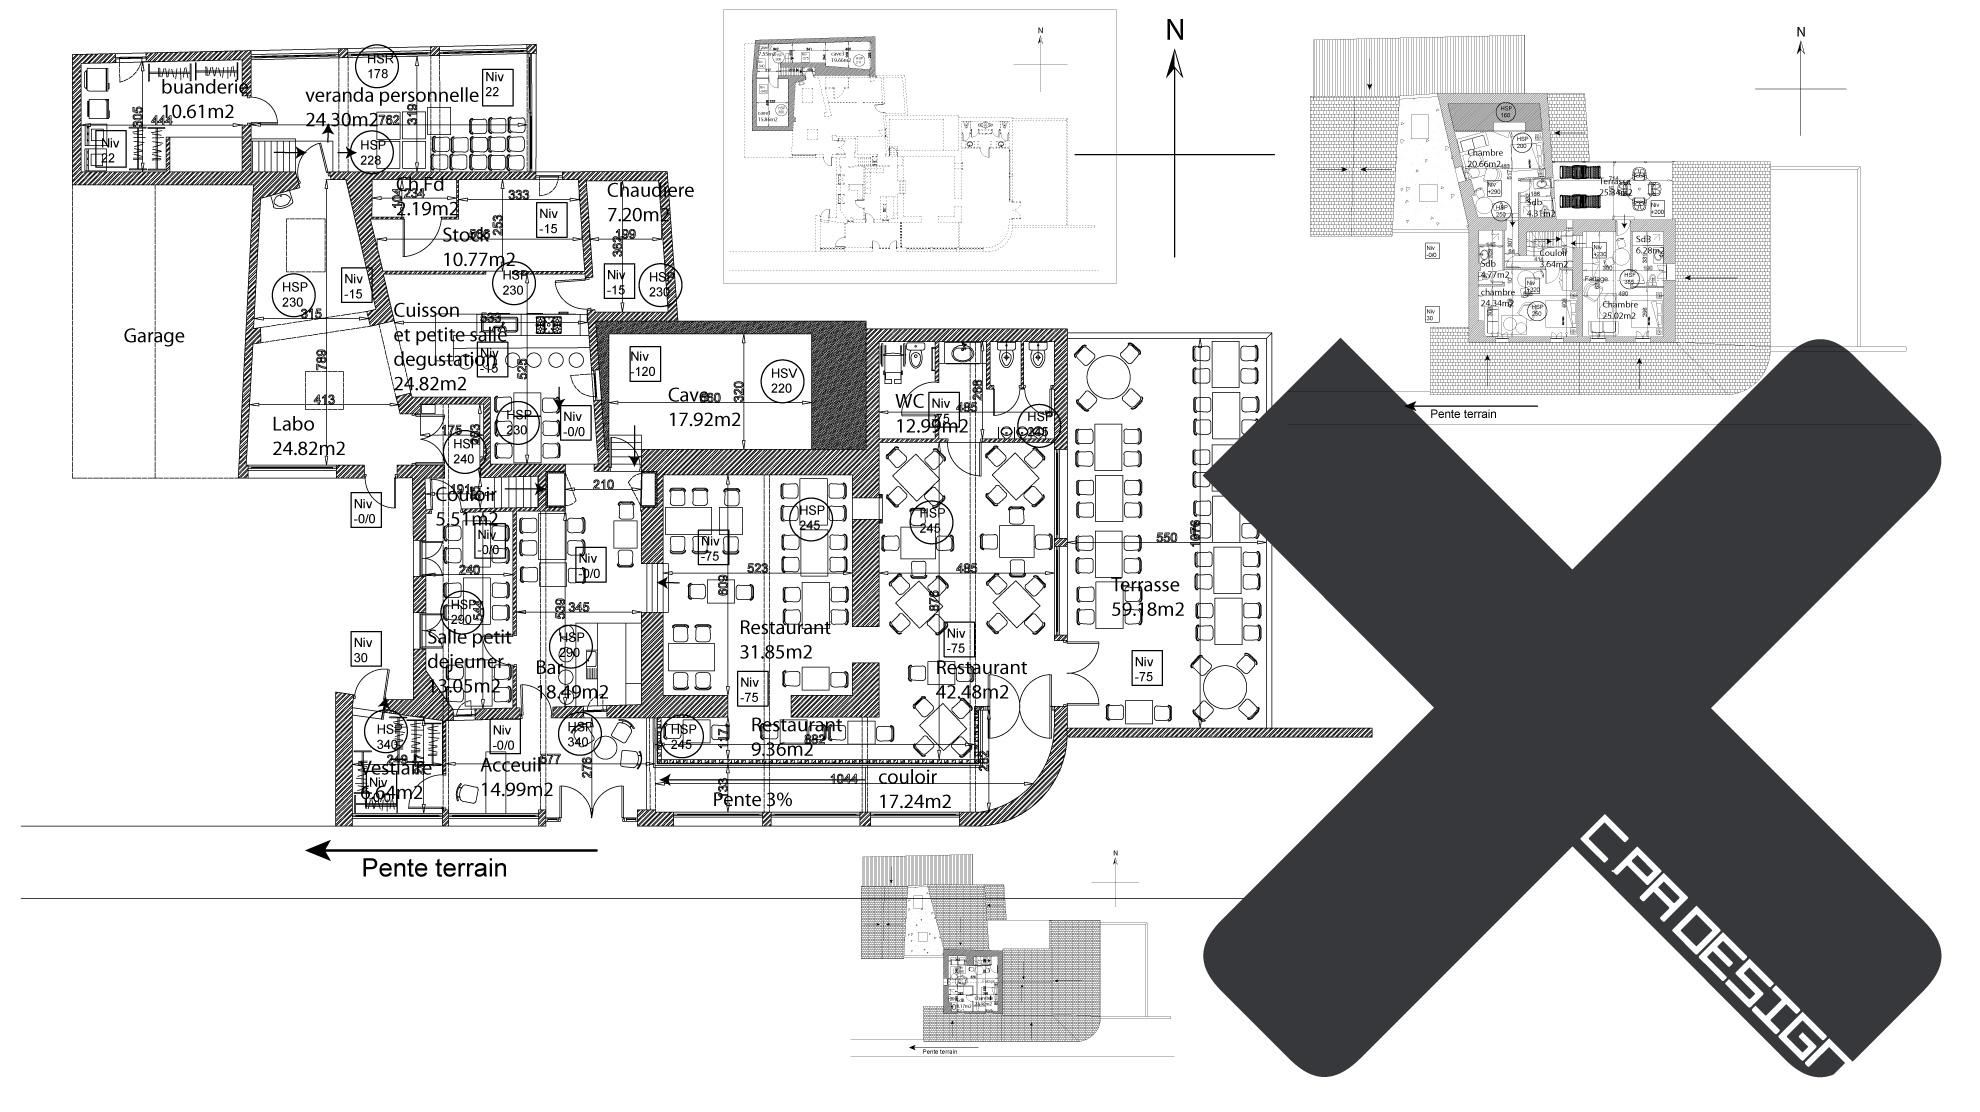 c_pa_design_produit_design_mobilier_realisation_architecture-interieure -3d-réaliste-insertion-plan